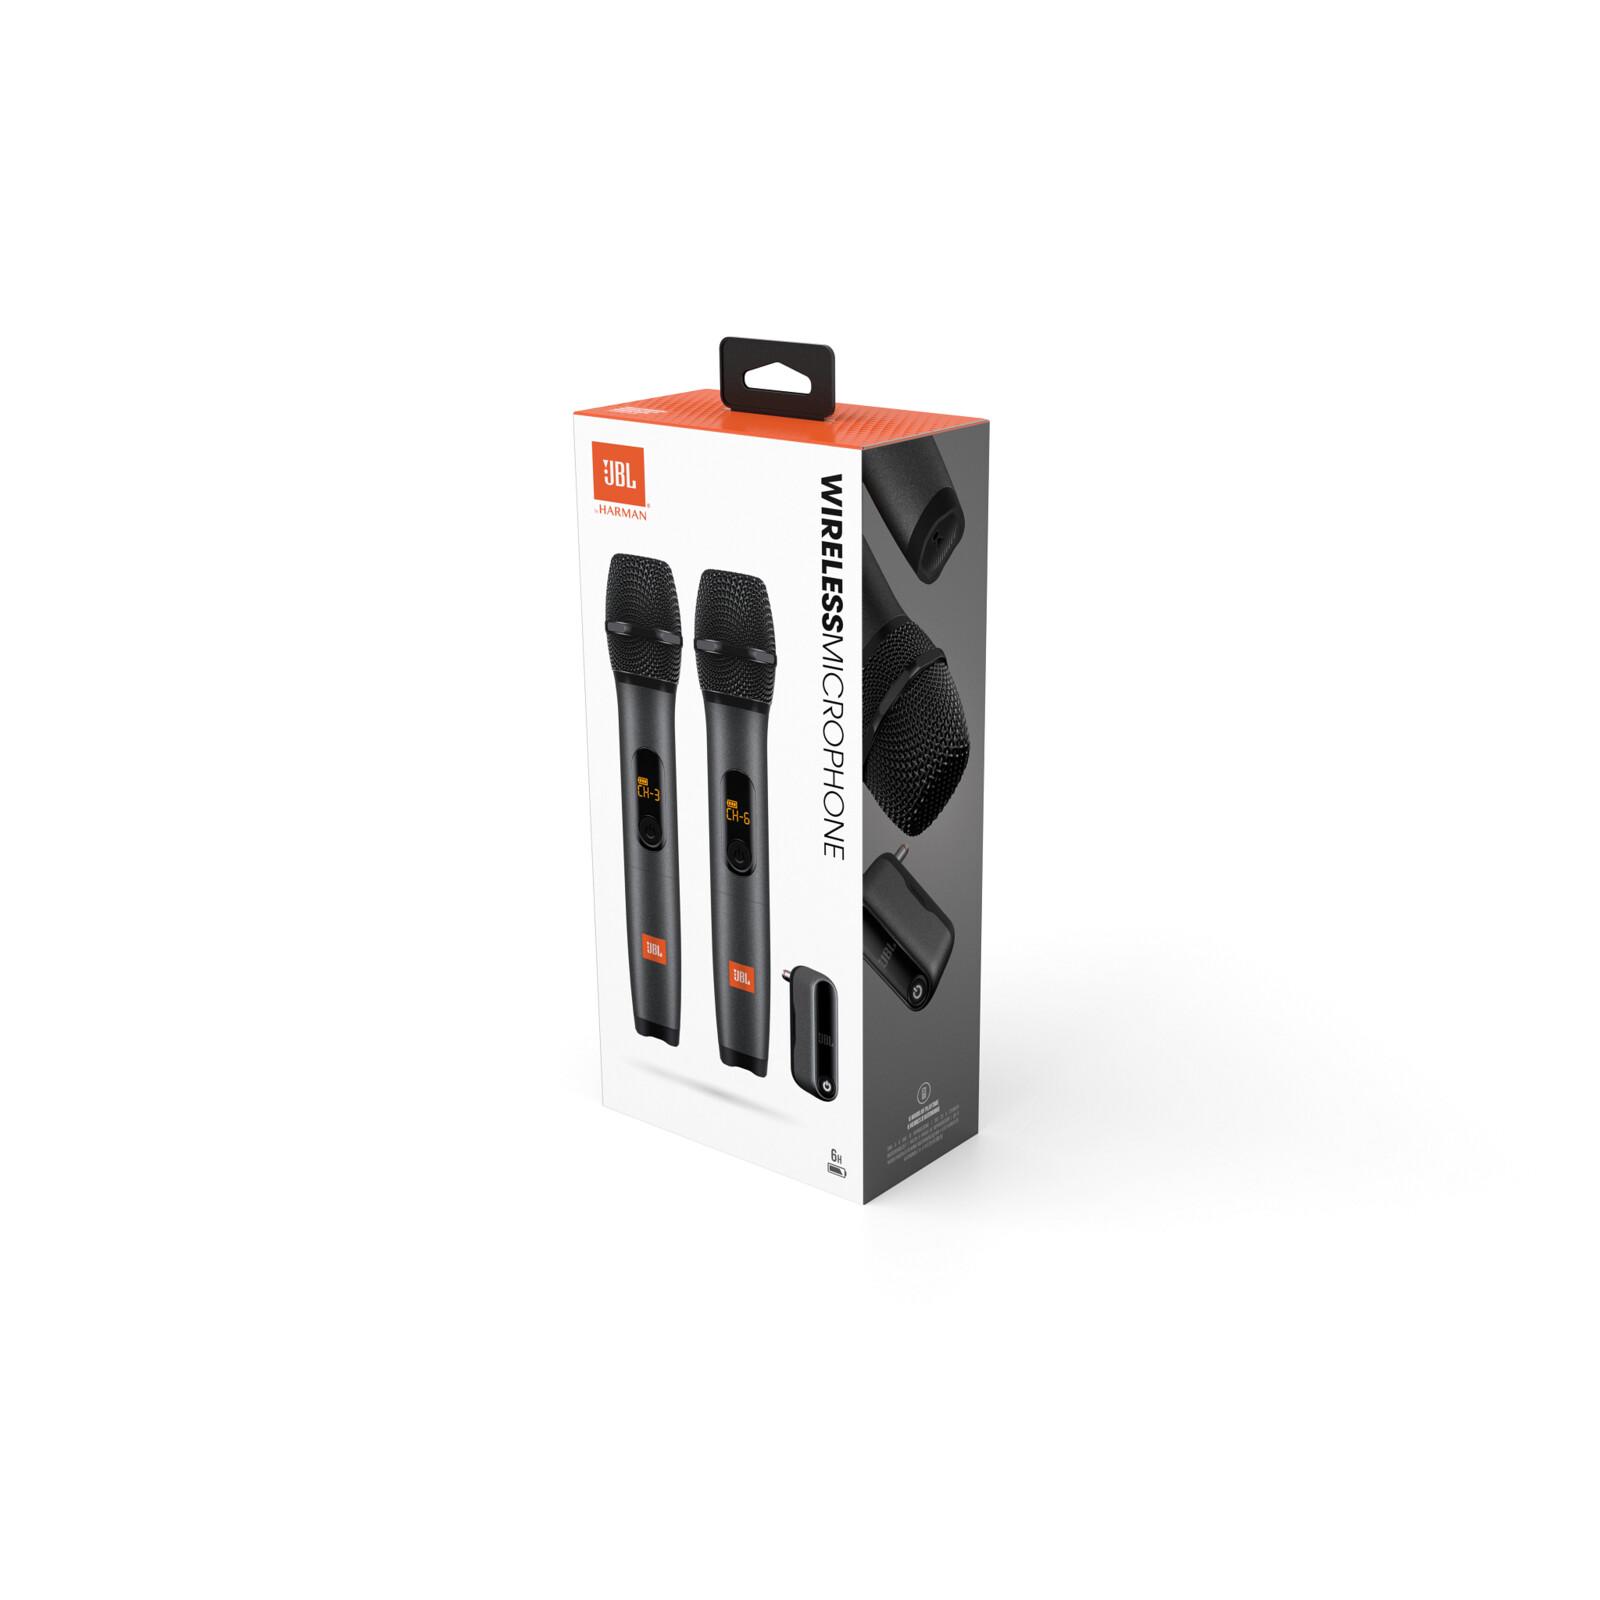 JBL Mikrofon Set kabellos